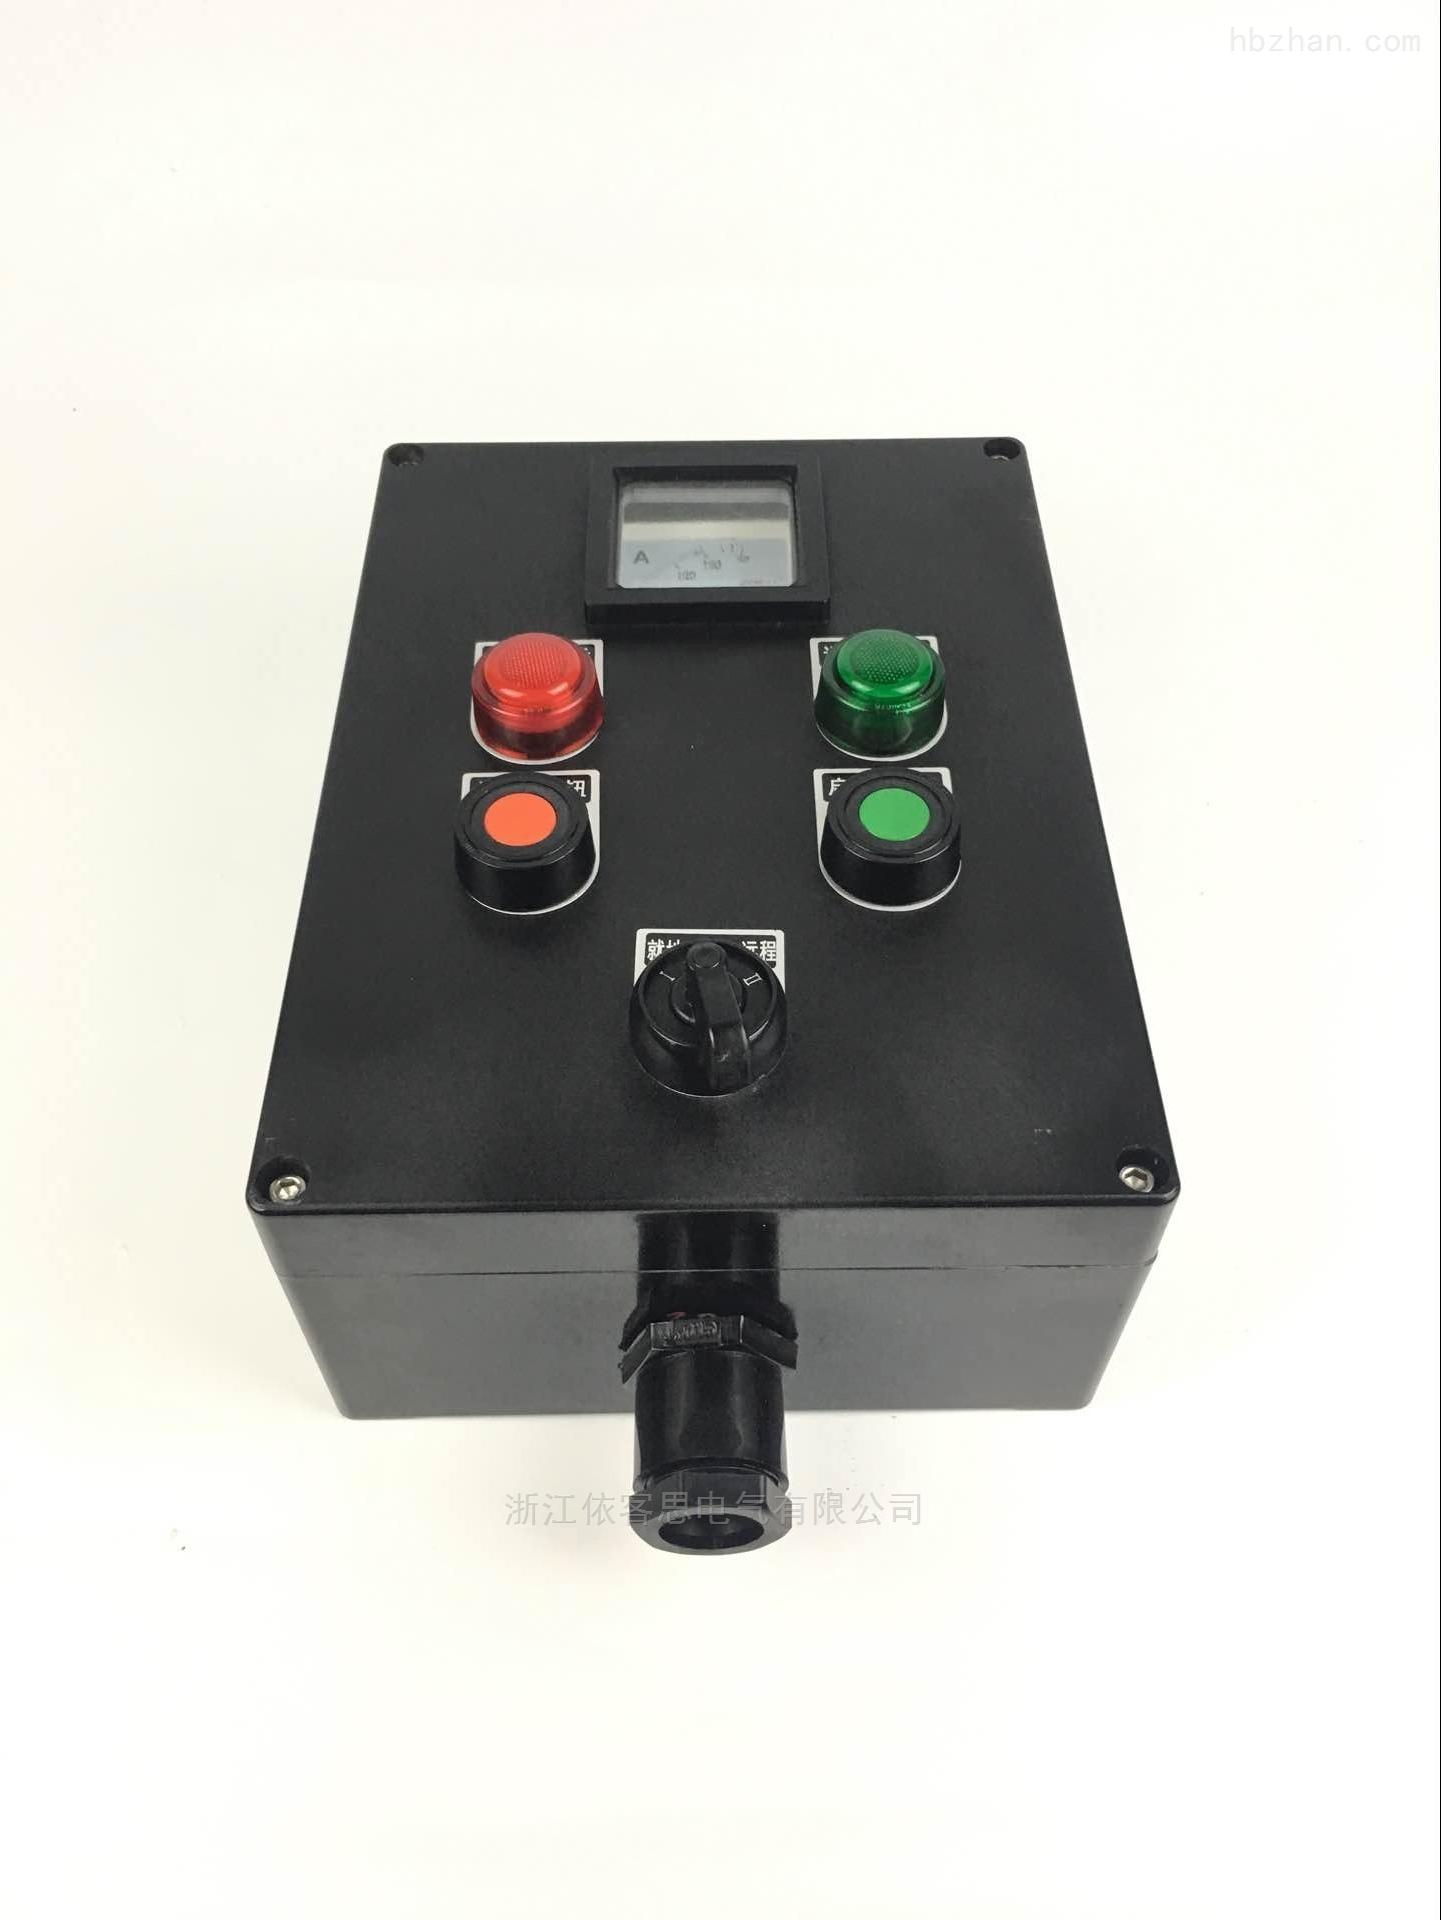 2灯2钮1表防爆防腐操作柱